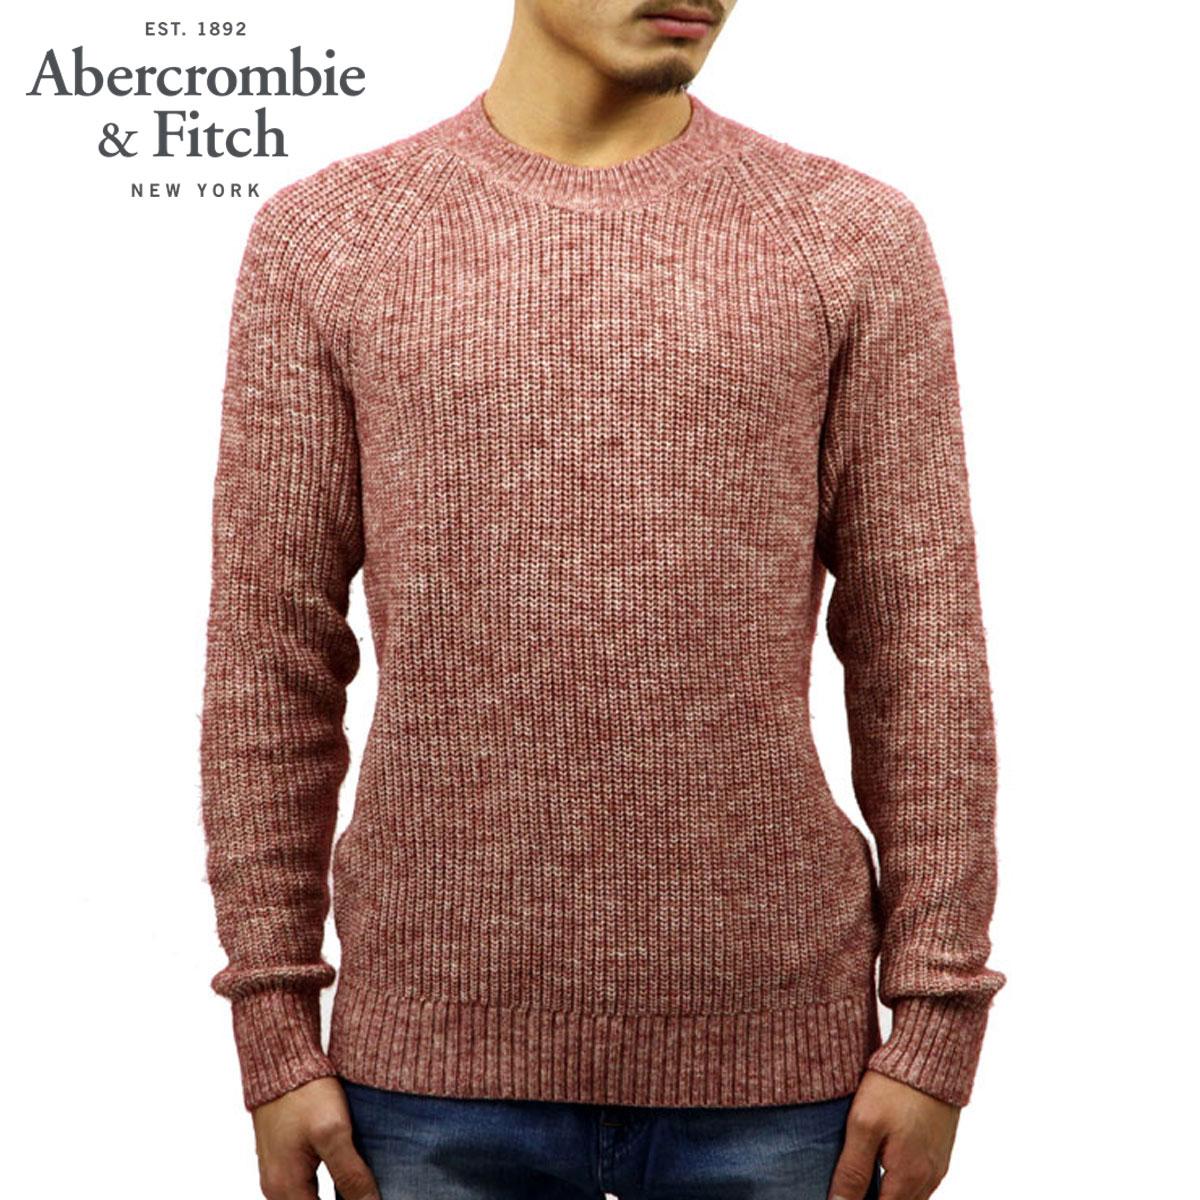 アバクロ セーター メンズ 正規品 Abercrombie&Fitch クルーネックセーター  CREW KNIT SWEATER 120-201-1116-610 A02B B1C C1D D7E E11F